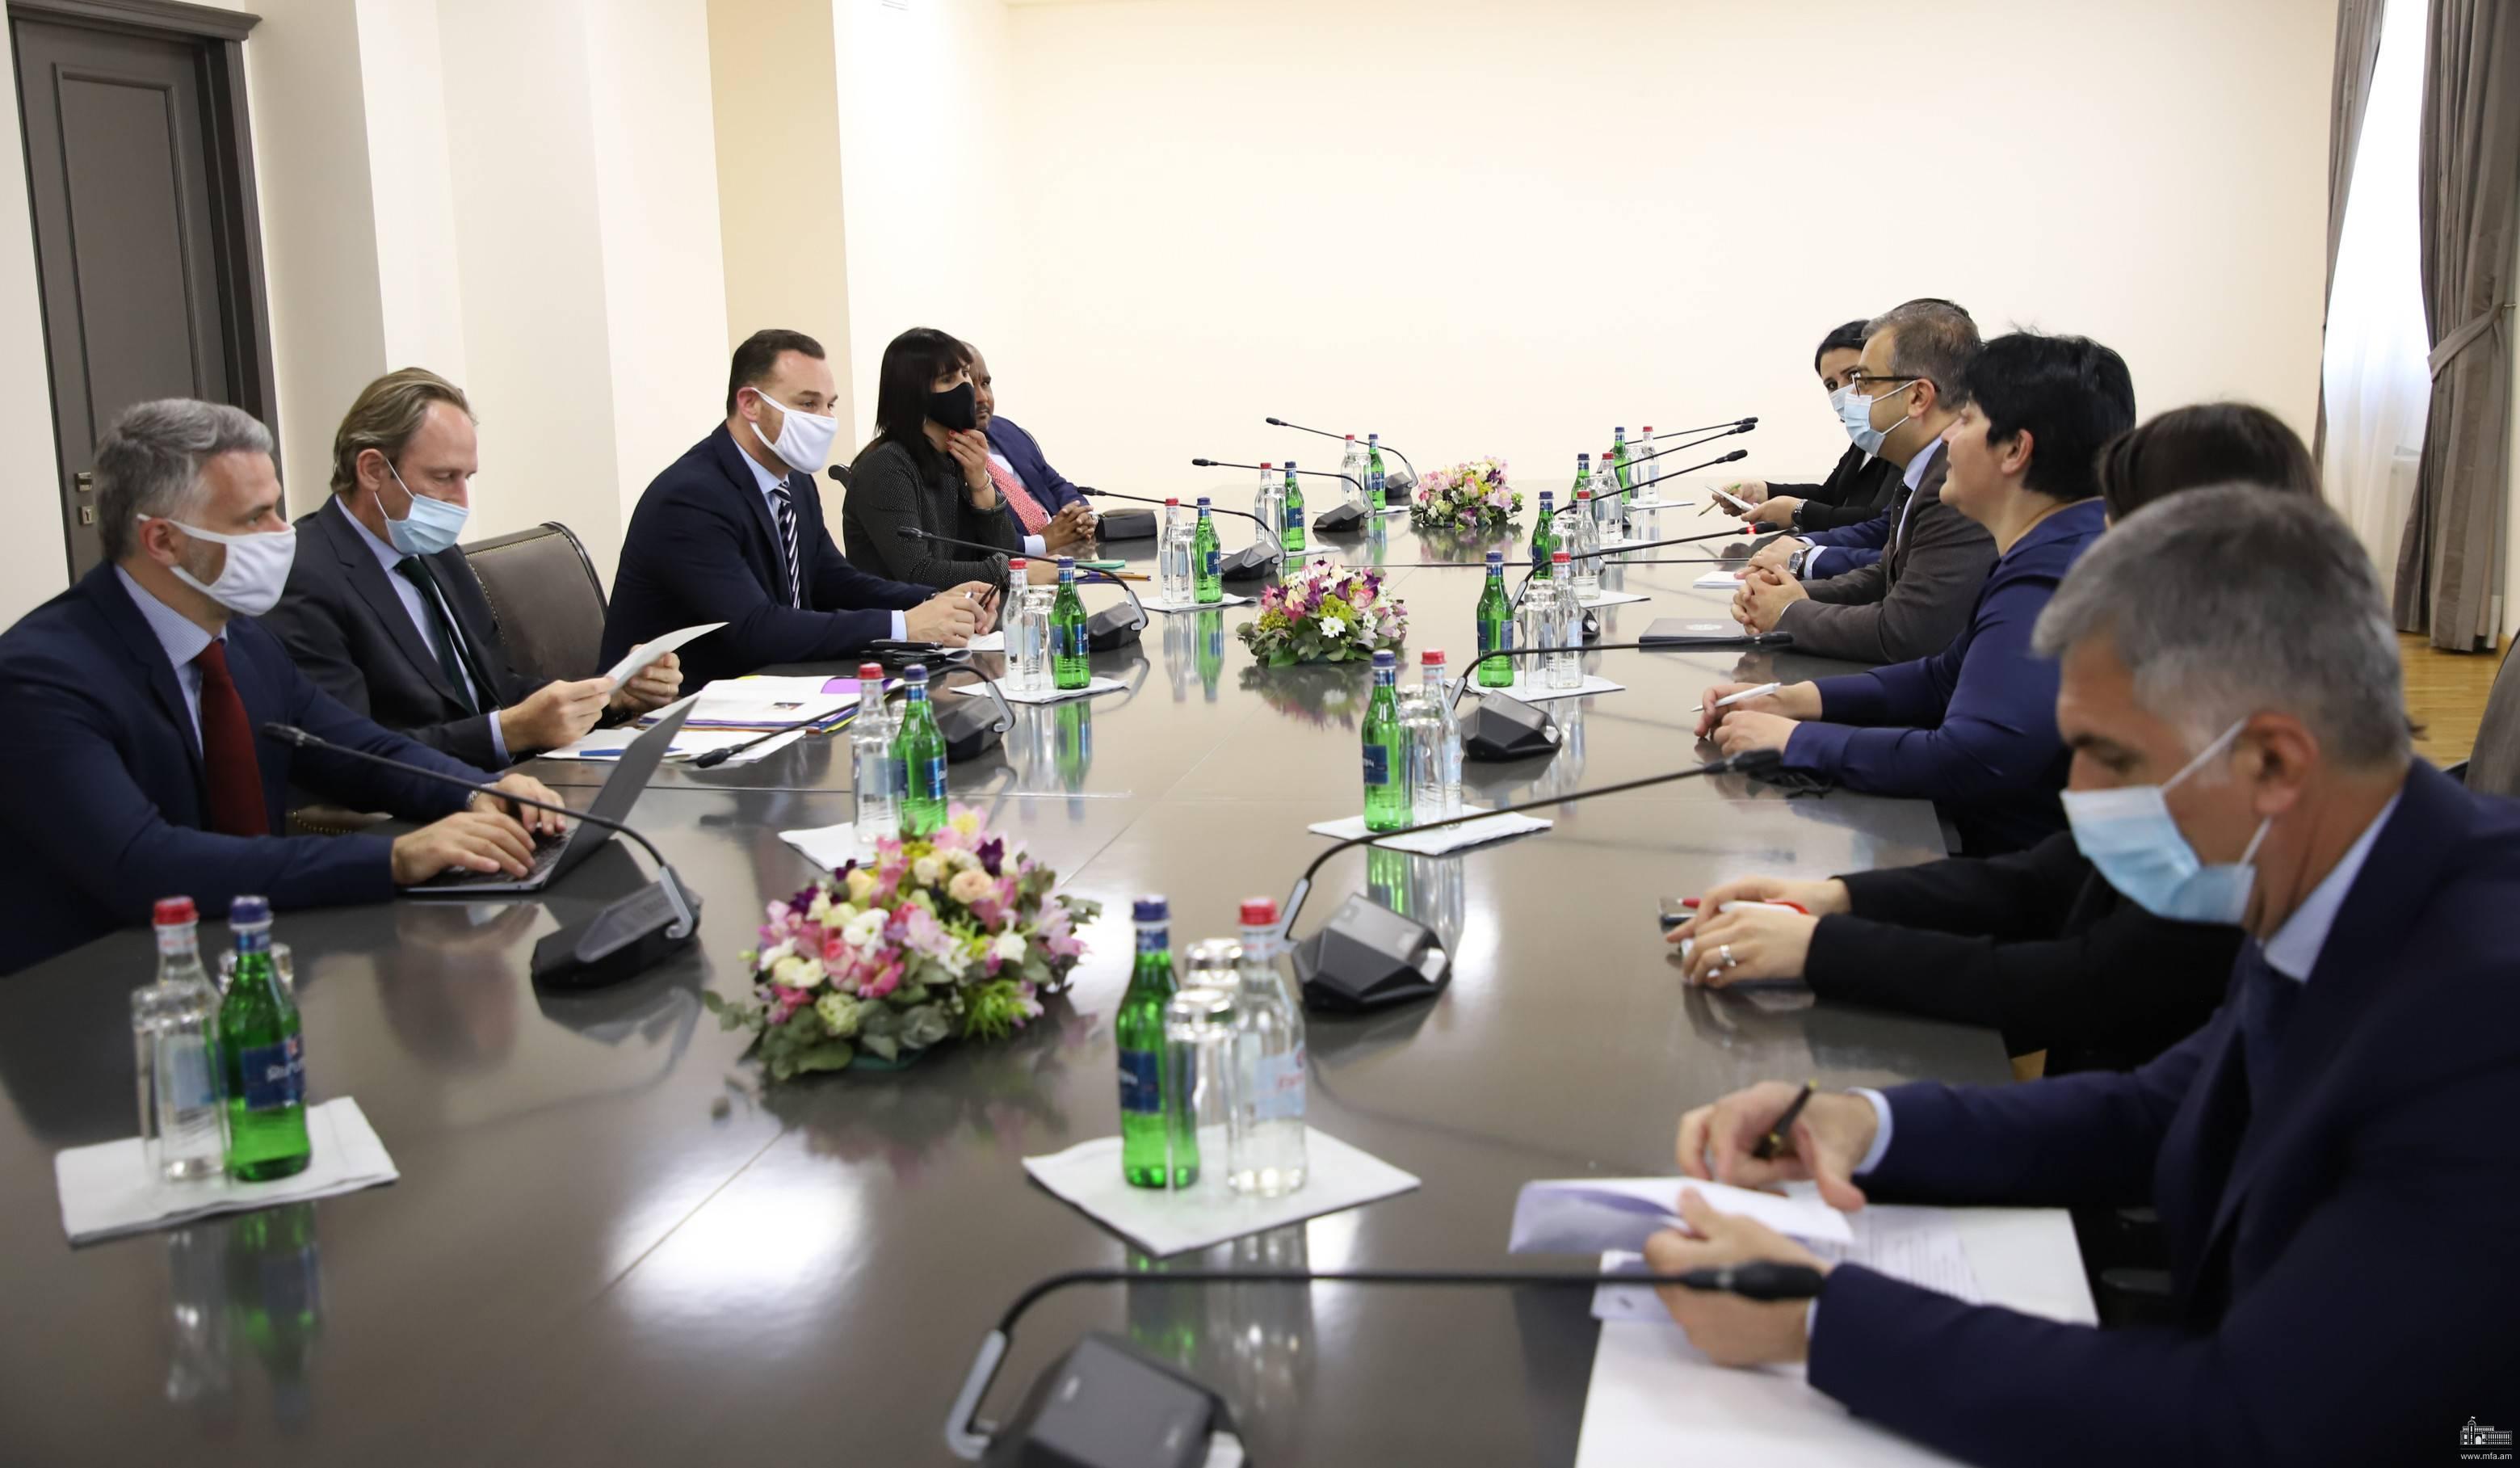 Photo of Замглавы МИД Армении представил делегации ПАФ сложившийся вследствие войны гуманитарный кризис